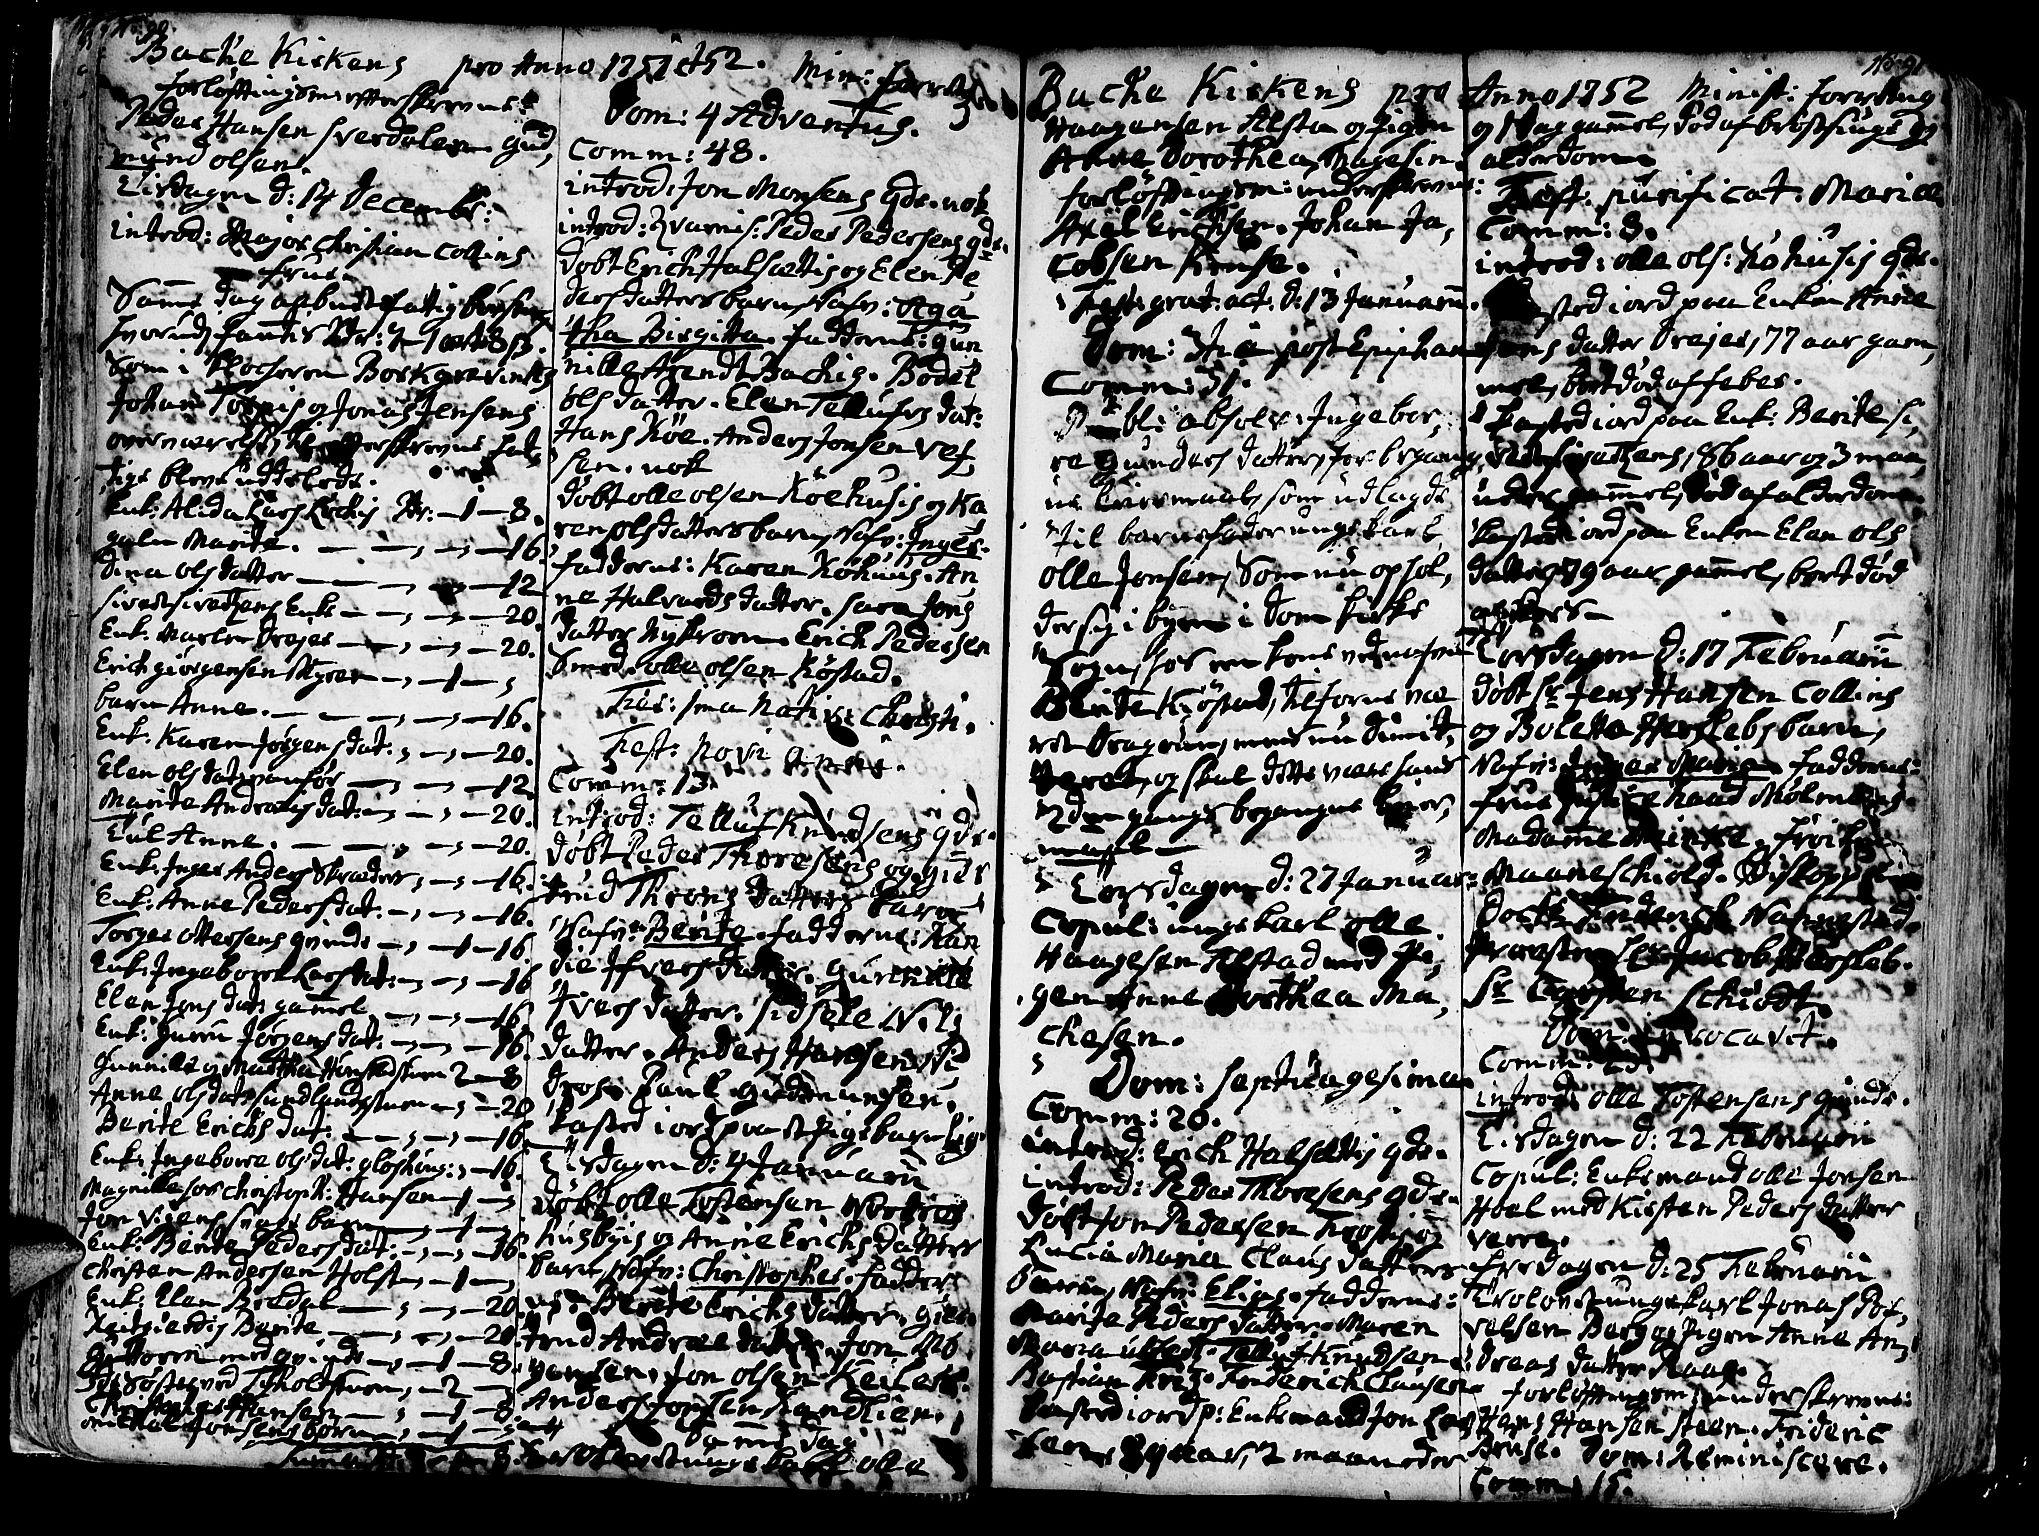 SAT, Ministerialprotokoller, klokkerbøker og fødselsregistre - Sør-Trøndelag, 606/L0276: Ministerialbok nr. 606A01 /2, 1727-1779, s. 90-91